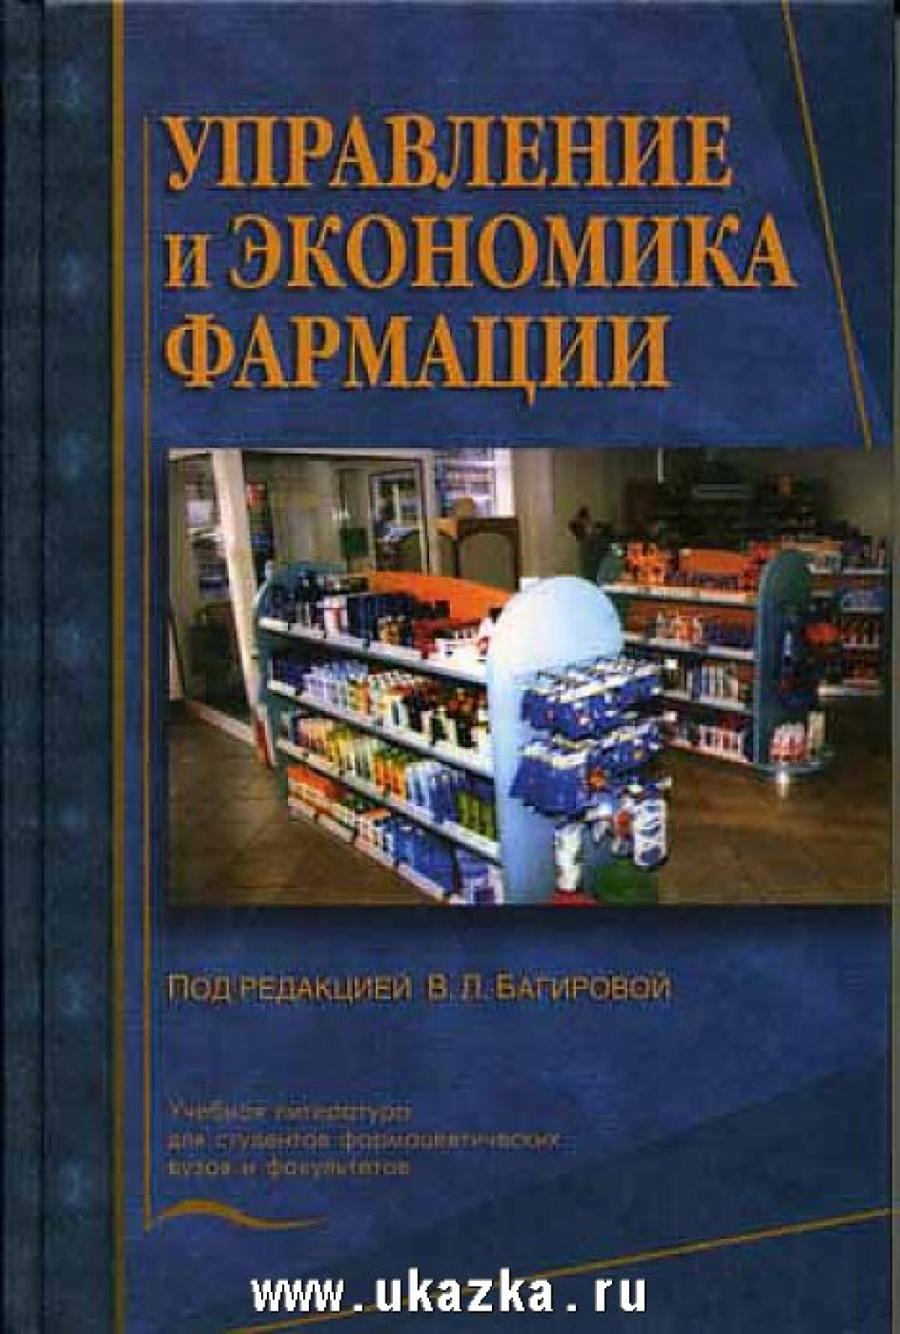 Обложка книги:  багирова в.л. - управление и экономика фармации.